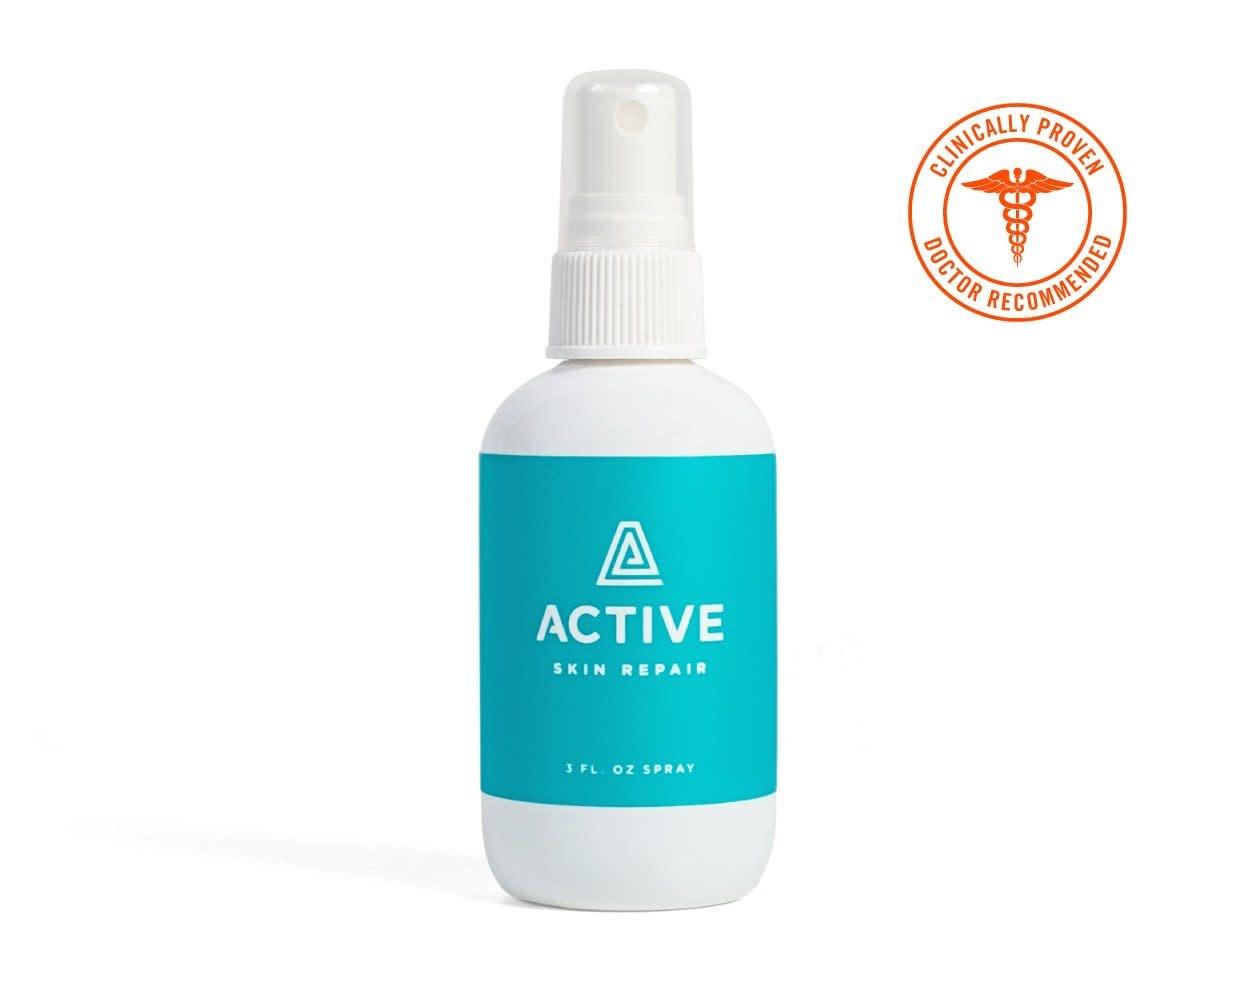 ACTIVE ACTIVE SPRAY 3OZ